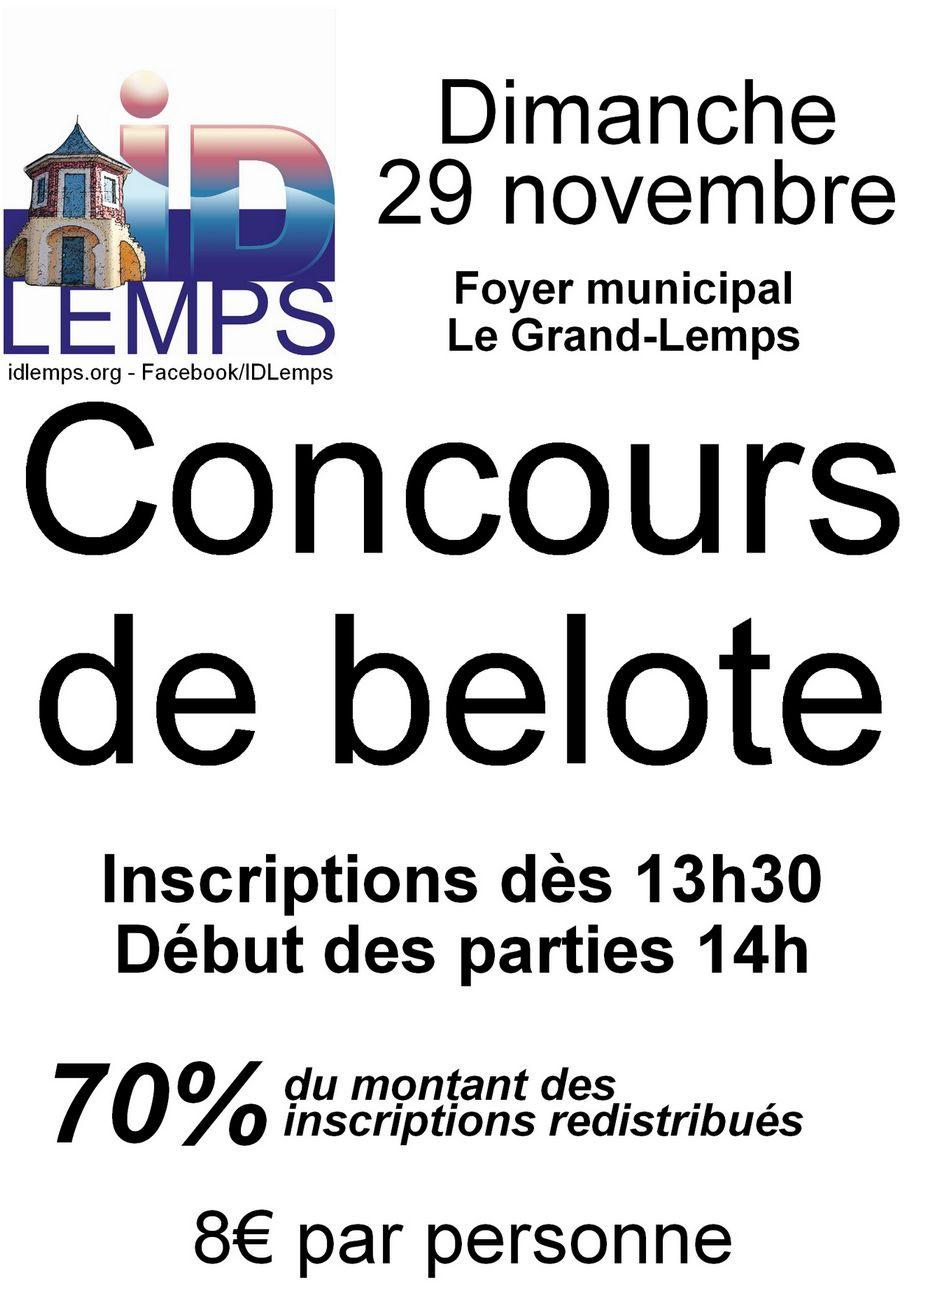 Concours de belote 29 novembre 2015 au Grand-Lemps – Isère